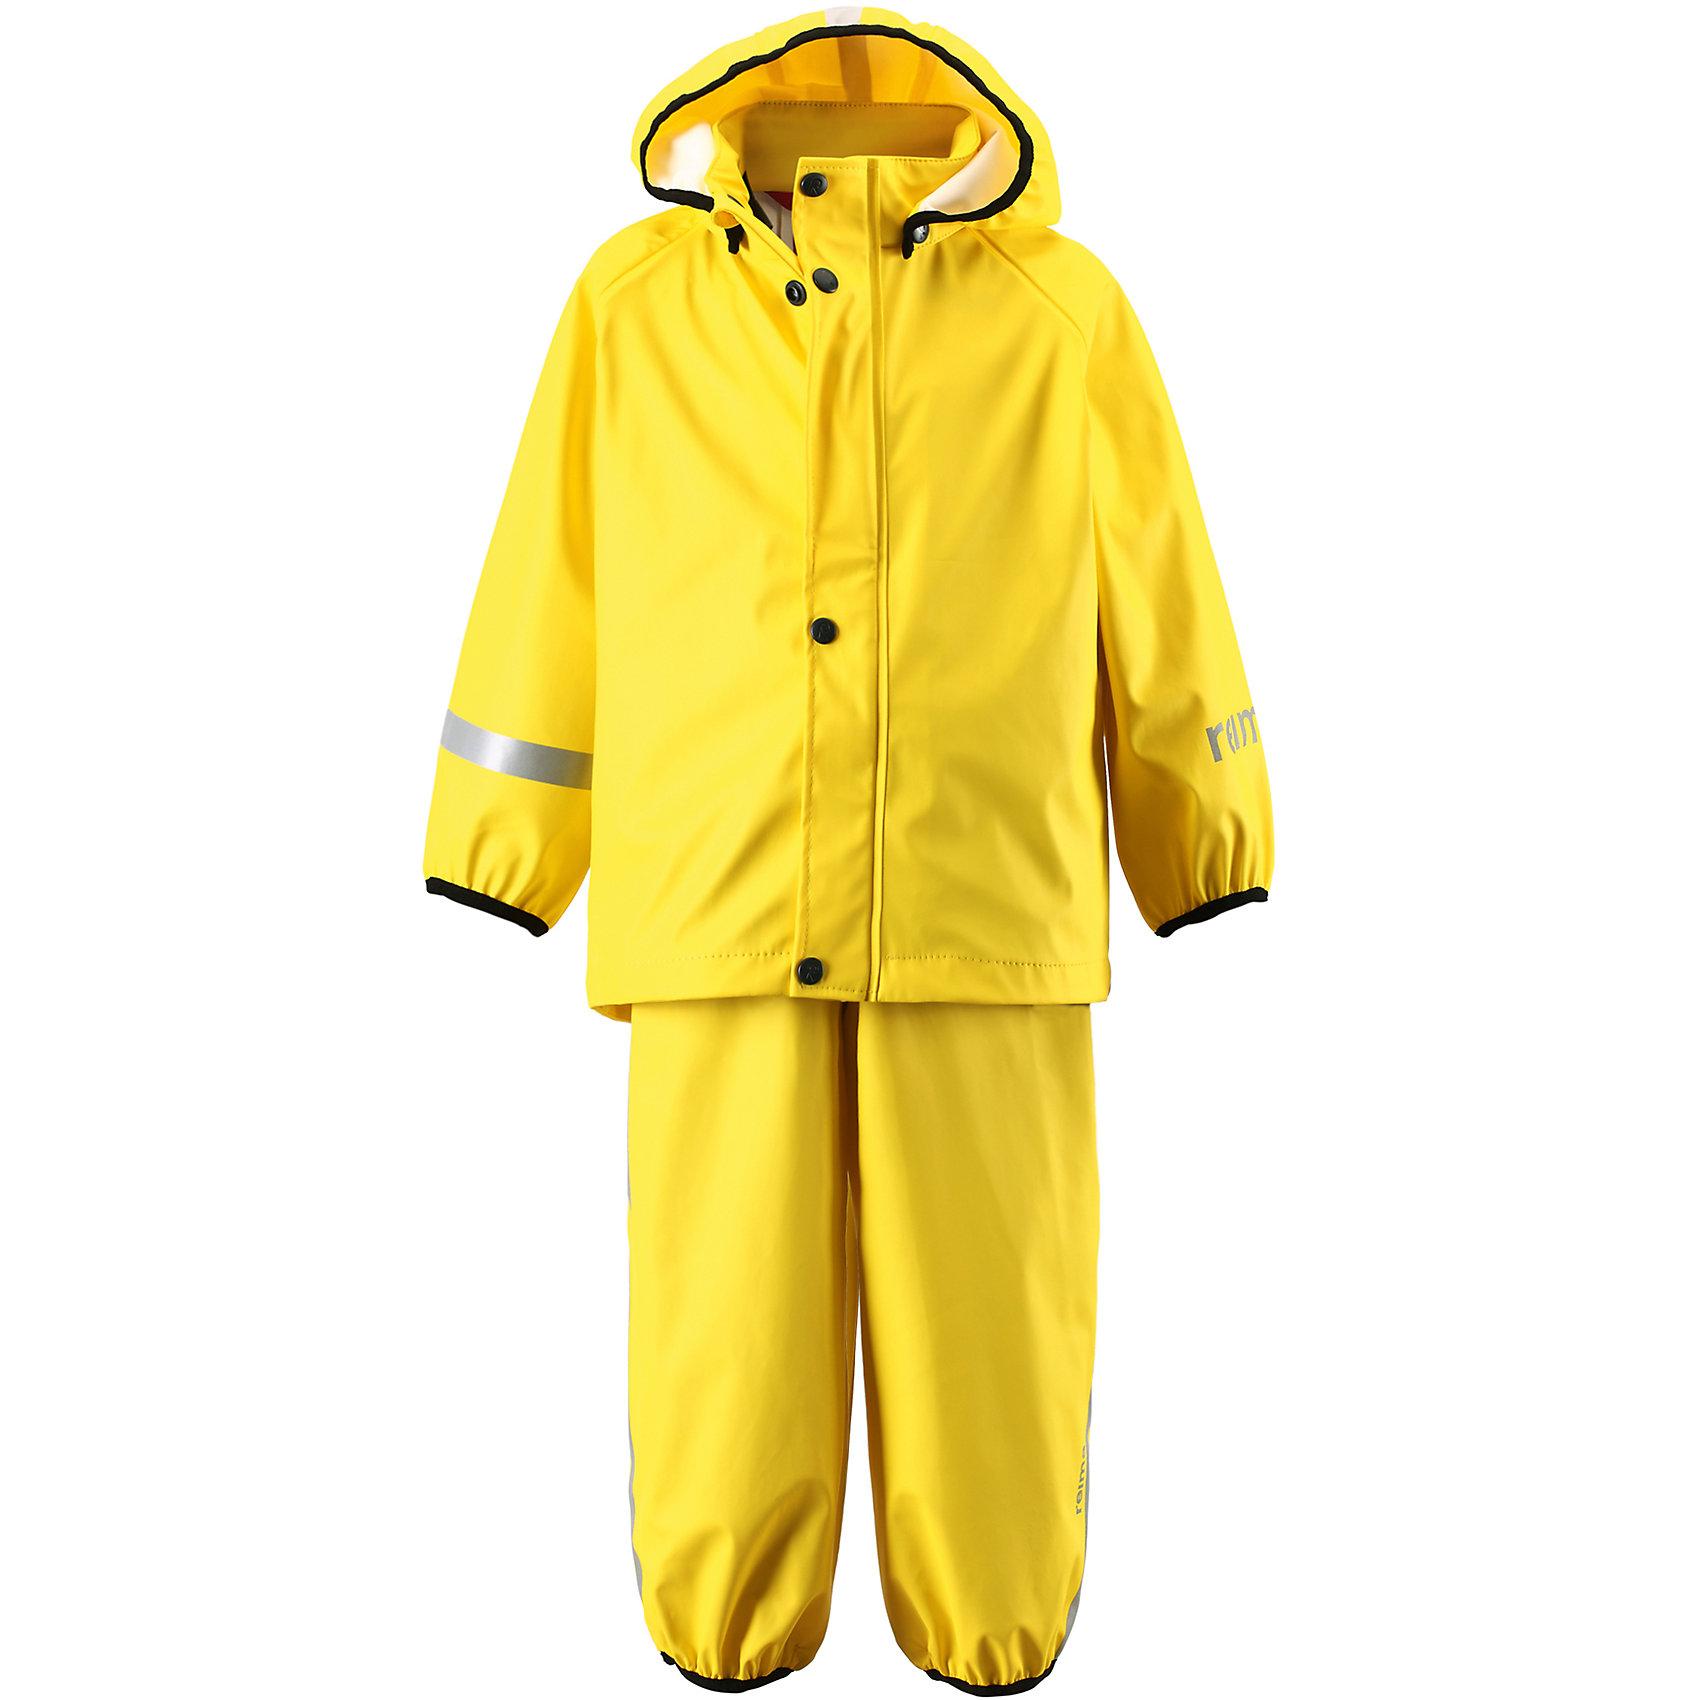 Непромокаемый комплект: куртка и брюки Tihku ReimaОдежда<br>Непромокаемый комплект: куртка и брюки Reima.<br>Комплект для дождливой погоды для малышей. Запаянные швы, не пропускающие влагу. Эластичный материал. Без ПХВ. Безопасный, съемный капюшон. Эластичная резинка на кромке капюшона. Эластичные манжеты. Регулируемый обхват талии. Эластичная резинка на штанинах. Съемные эластичные штрипки. Молния спереди. Регулируемые эластичные подтяжки. Безопасные светоотражающие детали. Отличный вариант для дождливой погоды.<br>Уход:<br>Стирать по отдельности, вывернув наизнанку. Застегнуть молнии и липучки. Стирать моющим средством, не содержащим отбеливающие вещества. Полоскать без специального средства. Во избежание изменения цвета изделие необходимо вынуть из стиральной машинки незамедлительно после окончания программы стирки. Сушить при низкой температуре.<br>Состав:<br>100% Полиамид, полиуретановое покрытие<br><br>Ширина мм: 356<br>Глубина мм: 10<br>Высота мм: 245<br>Вес г: 519<br>Цвет: желтый<br>Возраст от месяцев: 6<br>Возраст до месяцев: 9<br>Пол: Унисекс<br>Возраст: Детский<br>Размер: 74,116,98,110,80,104,92,86<br>SKU: 4776172